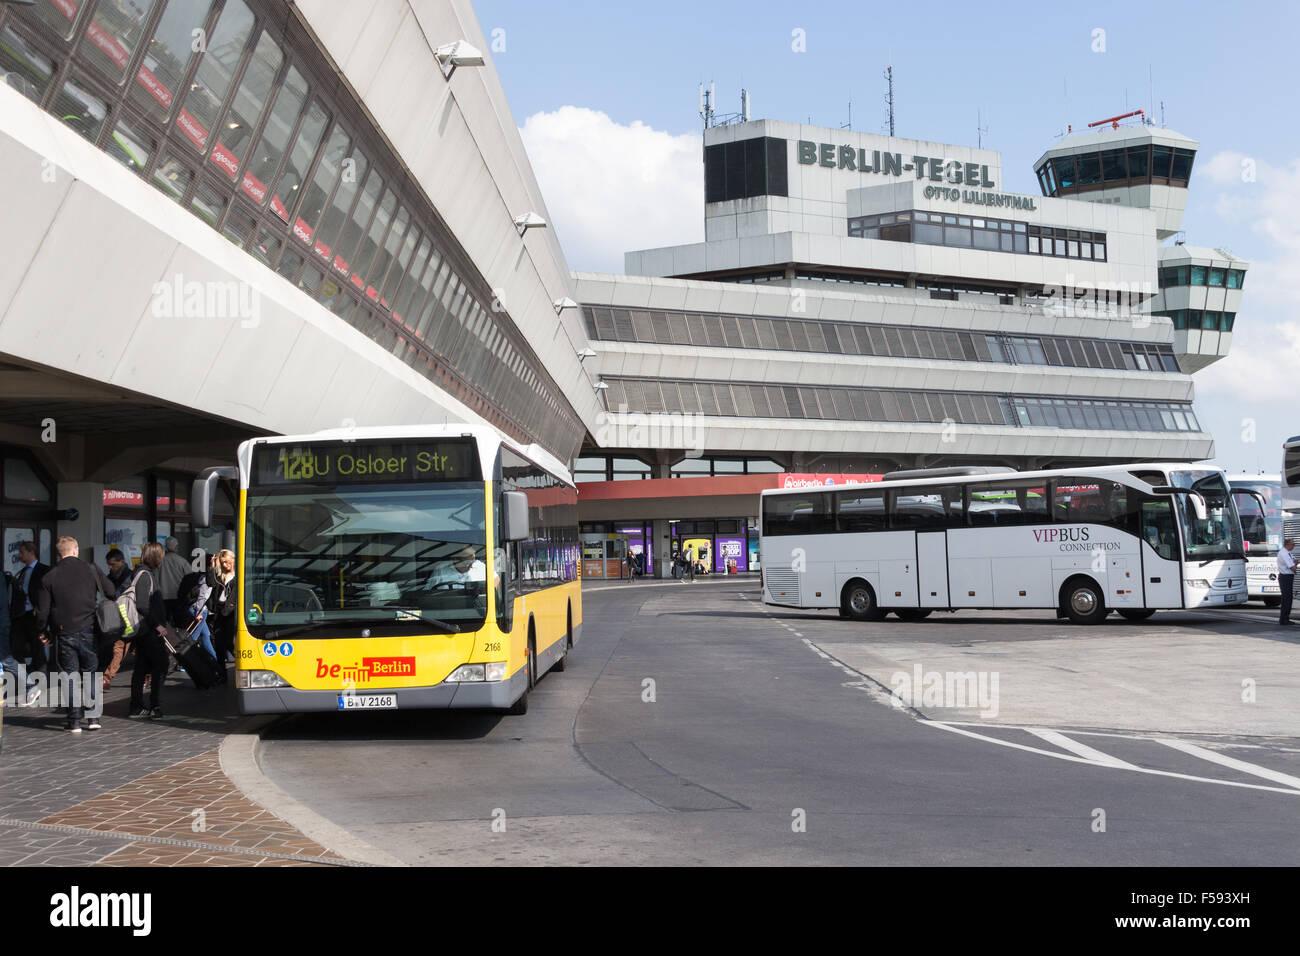 Flughafen tegel stock photos flughafen tegel stock for Flughafen tegel